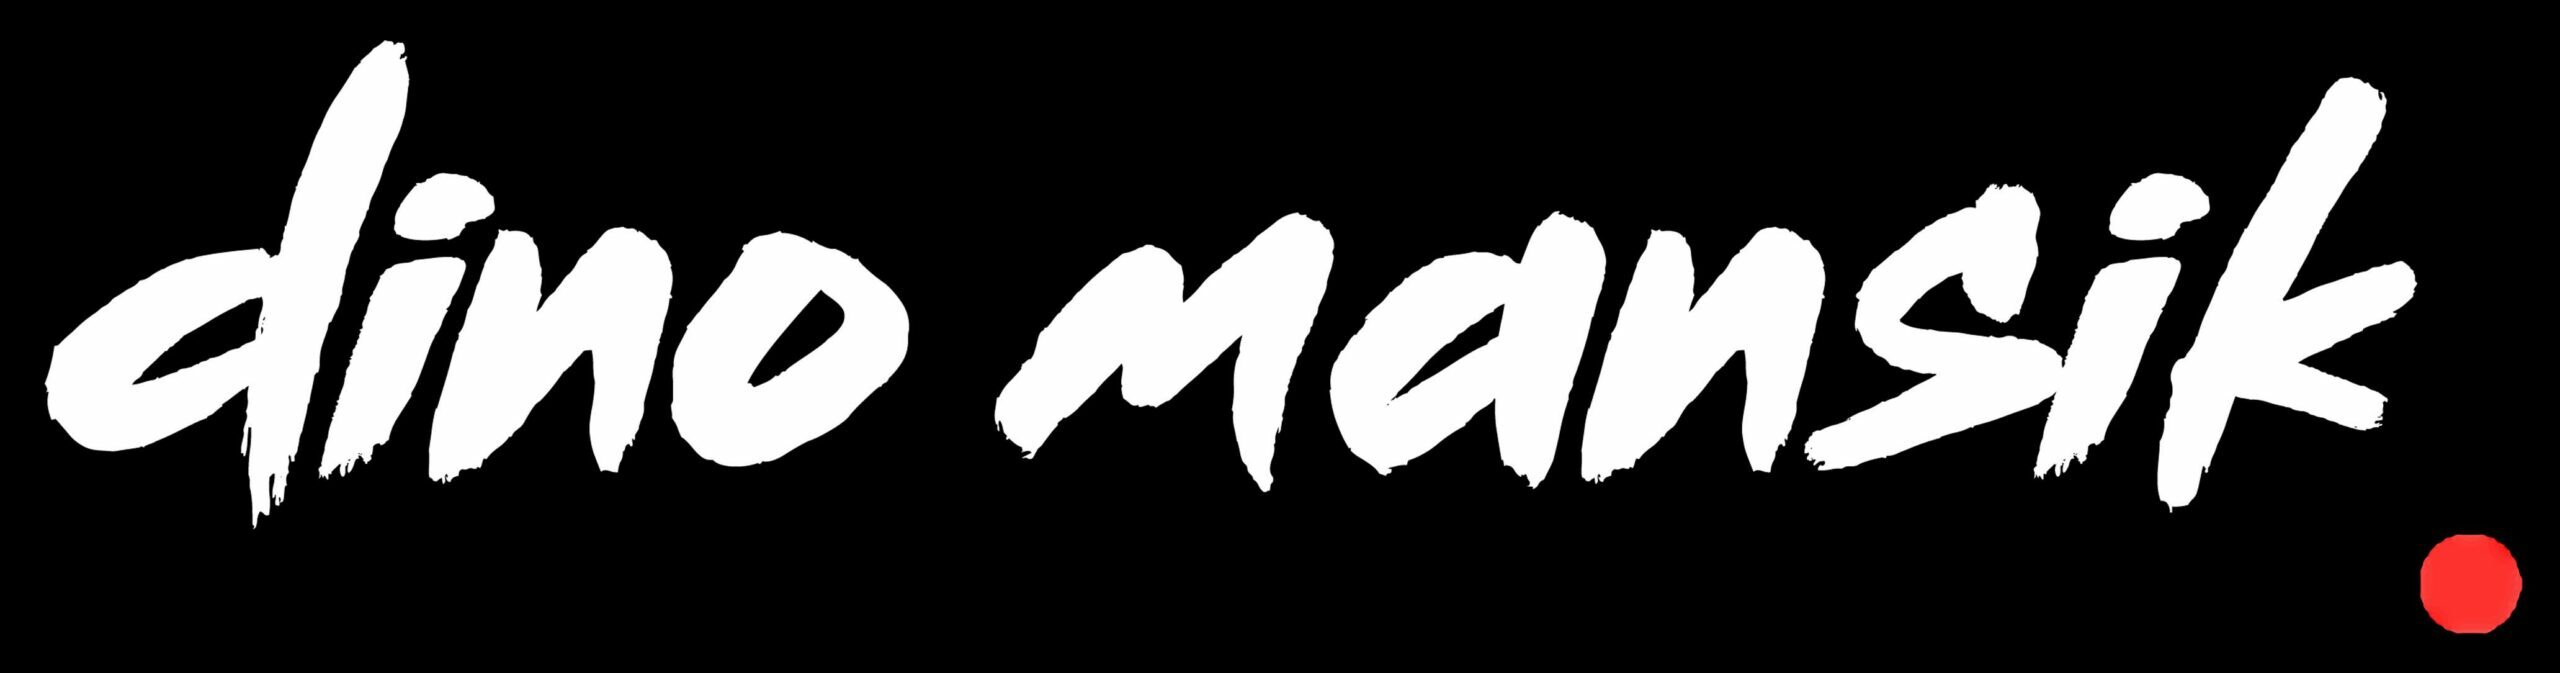 Dino Mansik – www.dinomansik.com